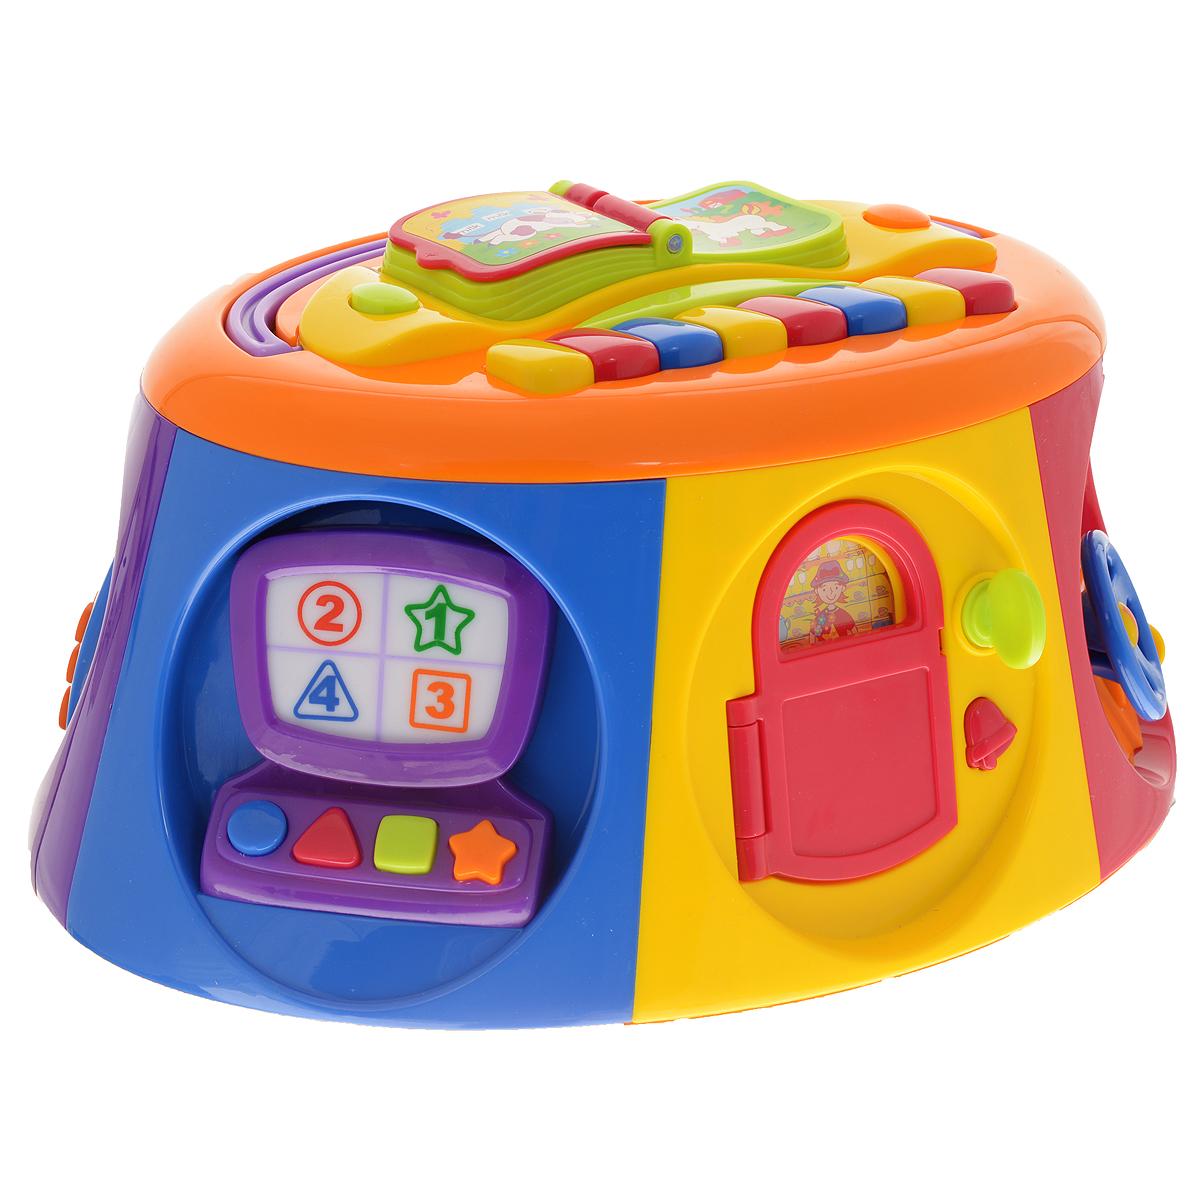 Развивающая игрушка Kiddieland Активный короб с книжкой развивающая игра kiddieland активный короб с книжкой